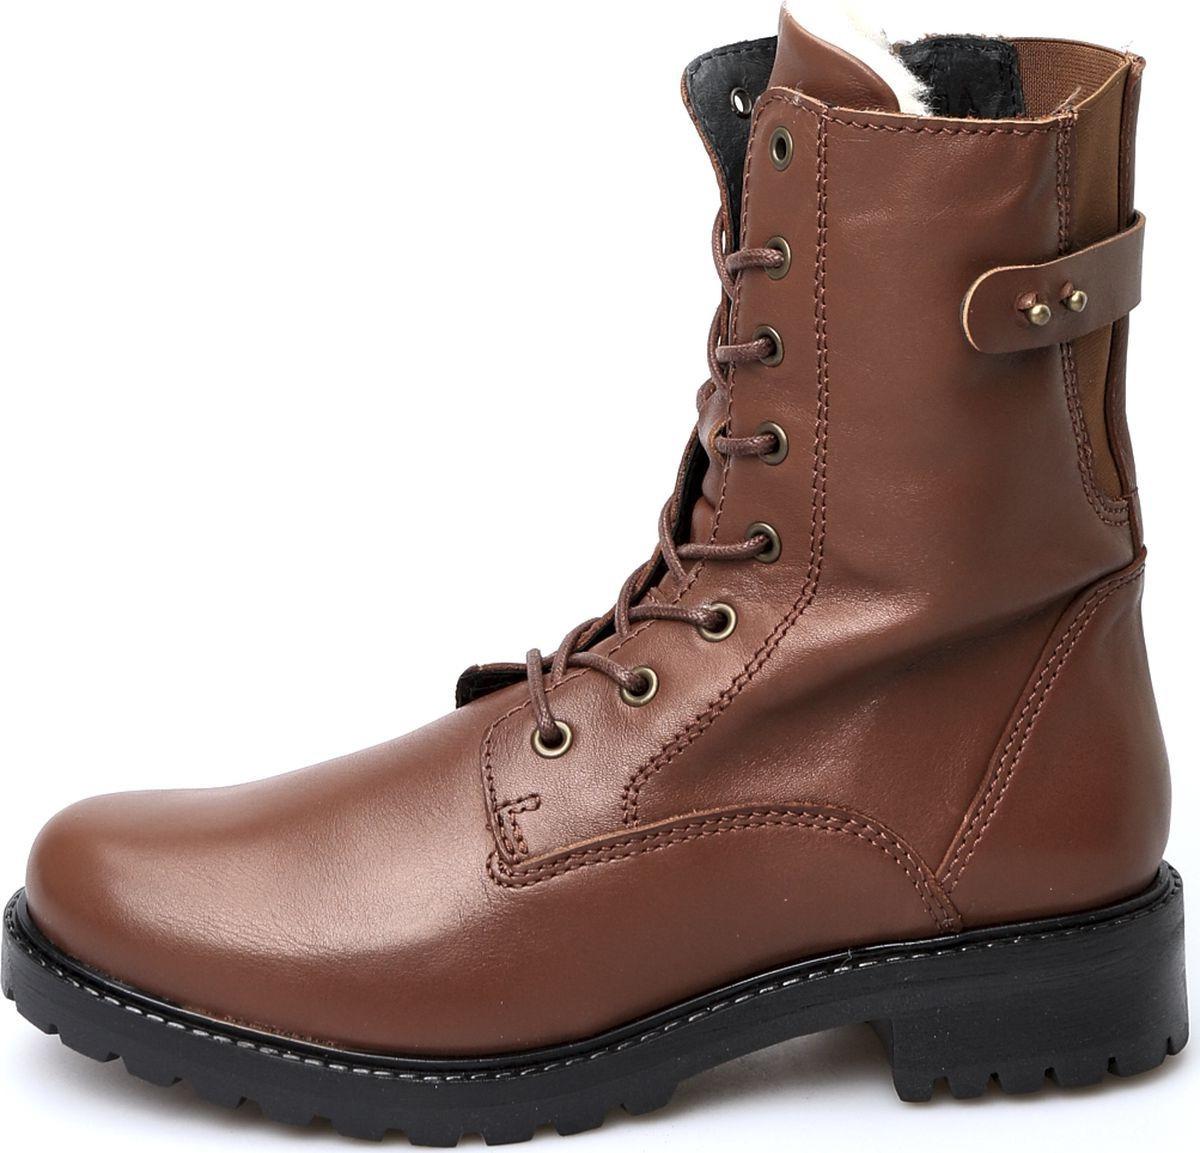 Ботинки El Tempo ботинки мужские el tempo цвет темно синий pp328 6804 003 azul размер 43